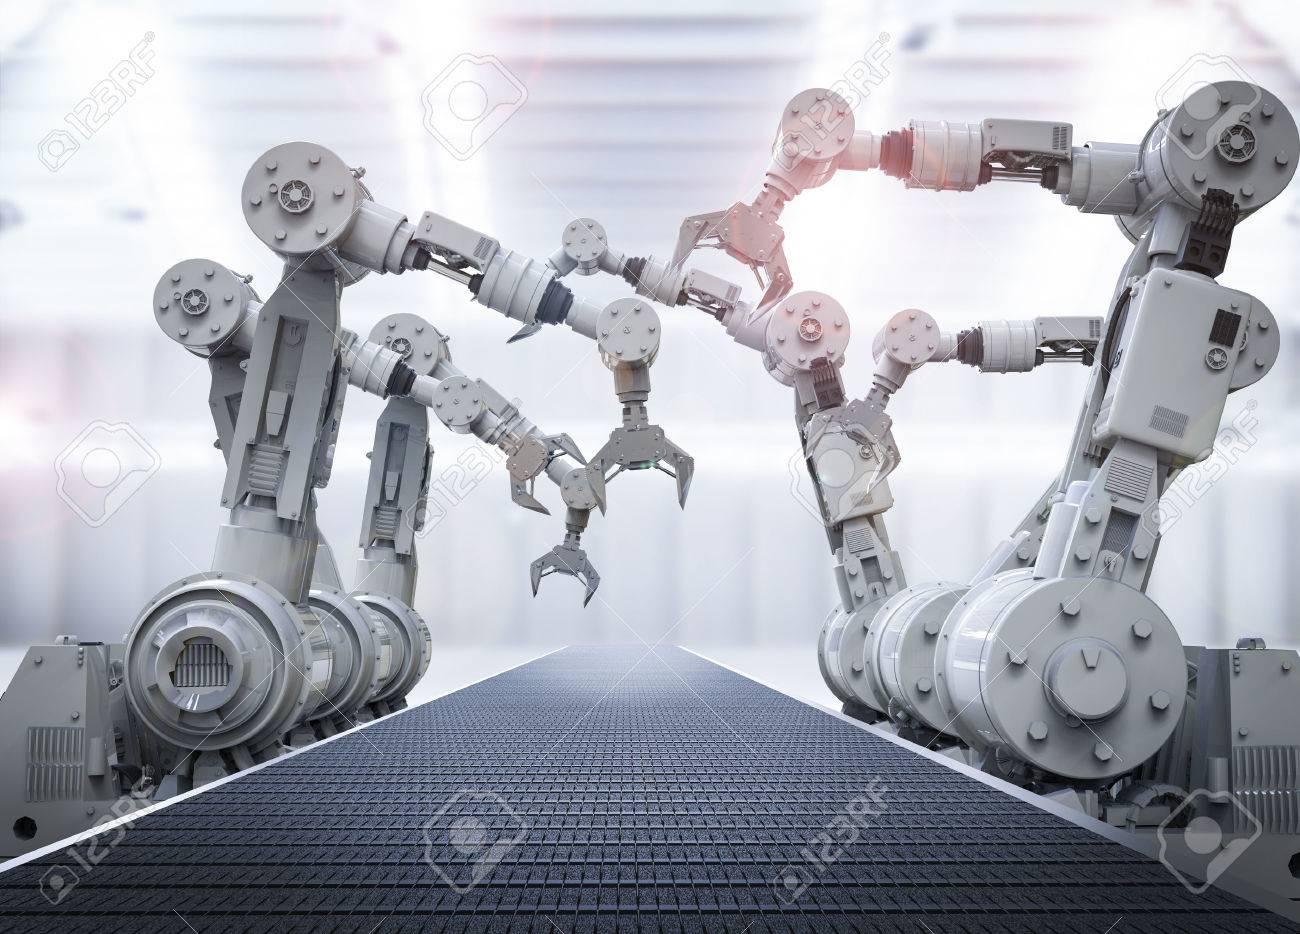 3d rendering robotic arms with empty conveyor belt - 63129634